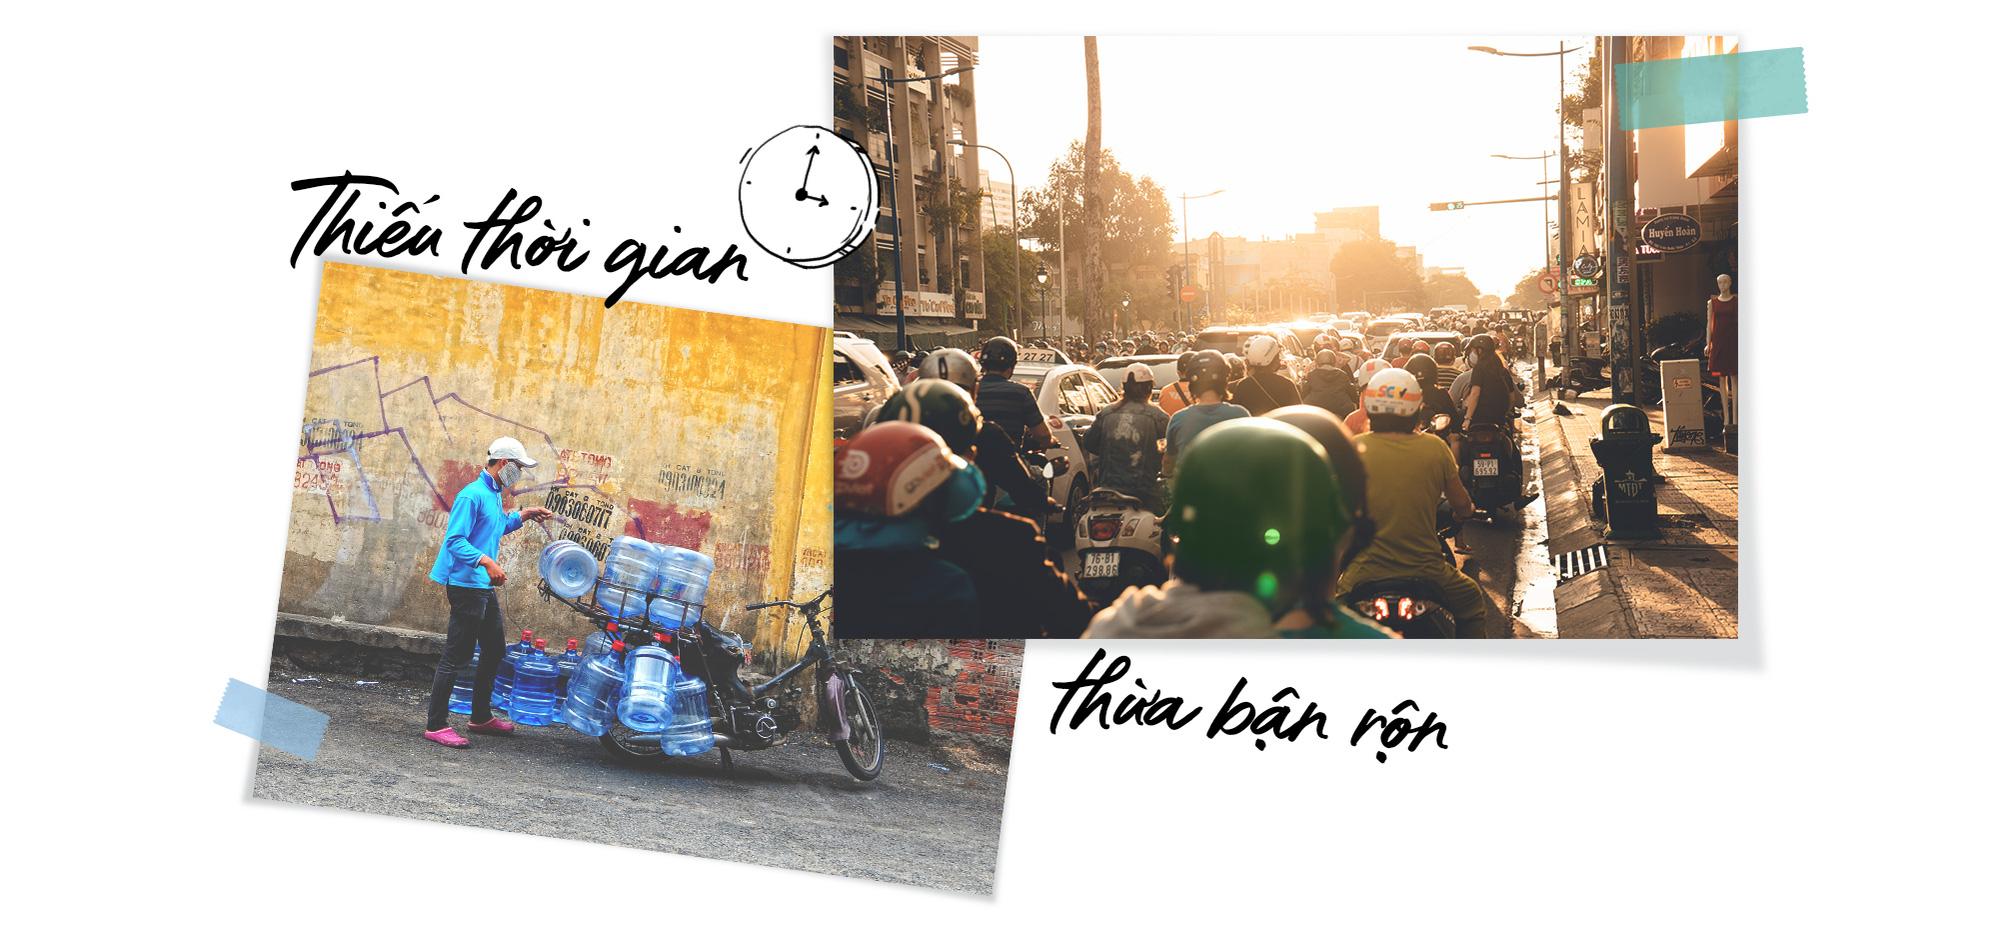 Những người trẻ thừa bận rộn, thiếu thời gian: Cuộc sống không phải một cuộc marathon, hãy cứ hết mình lao về đích, nhưng đừng quên đi việc nghỉ ngơi - Ảnh 1.